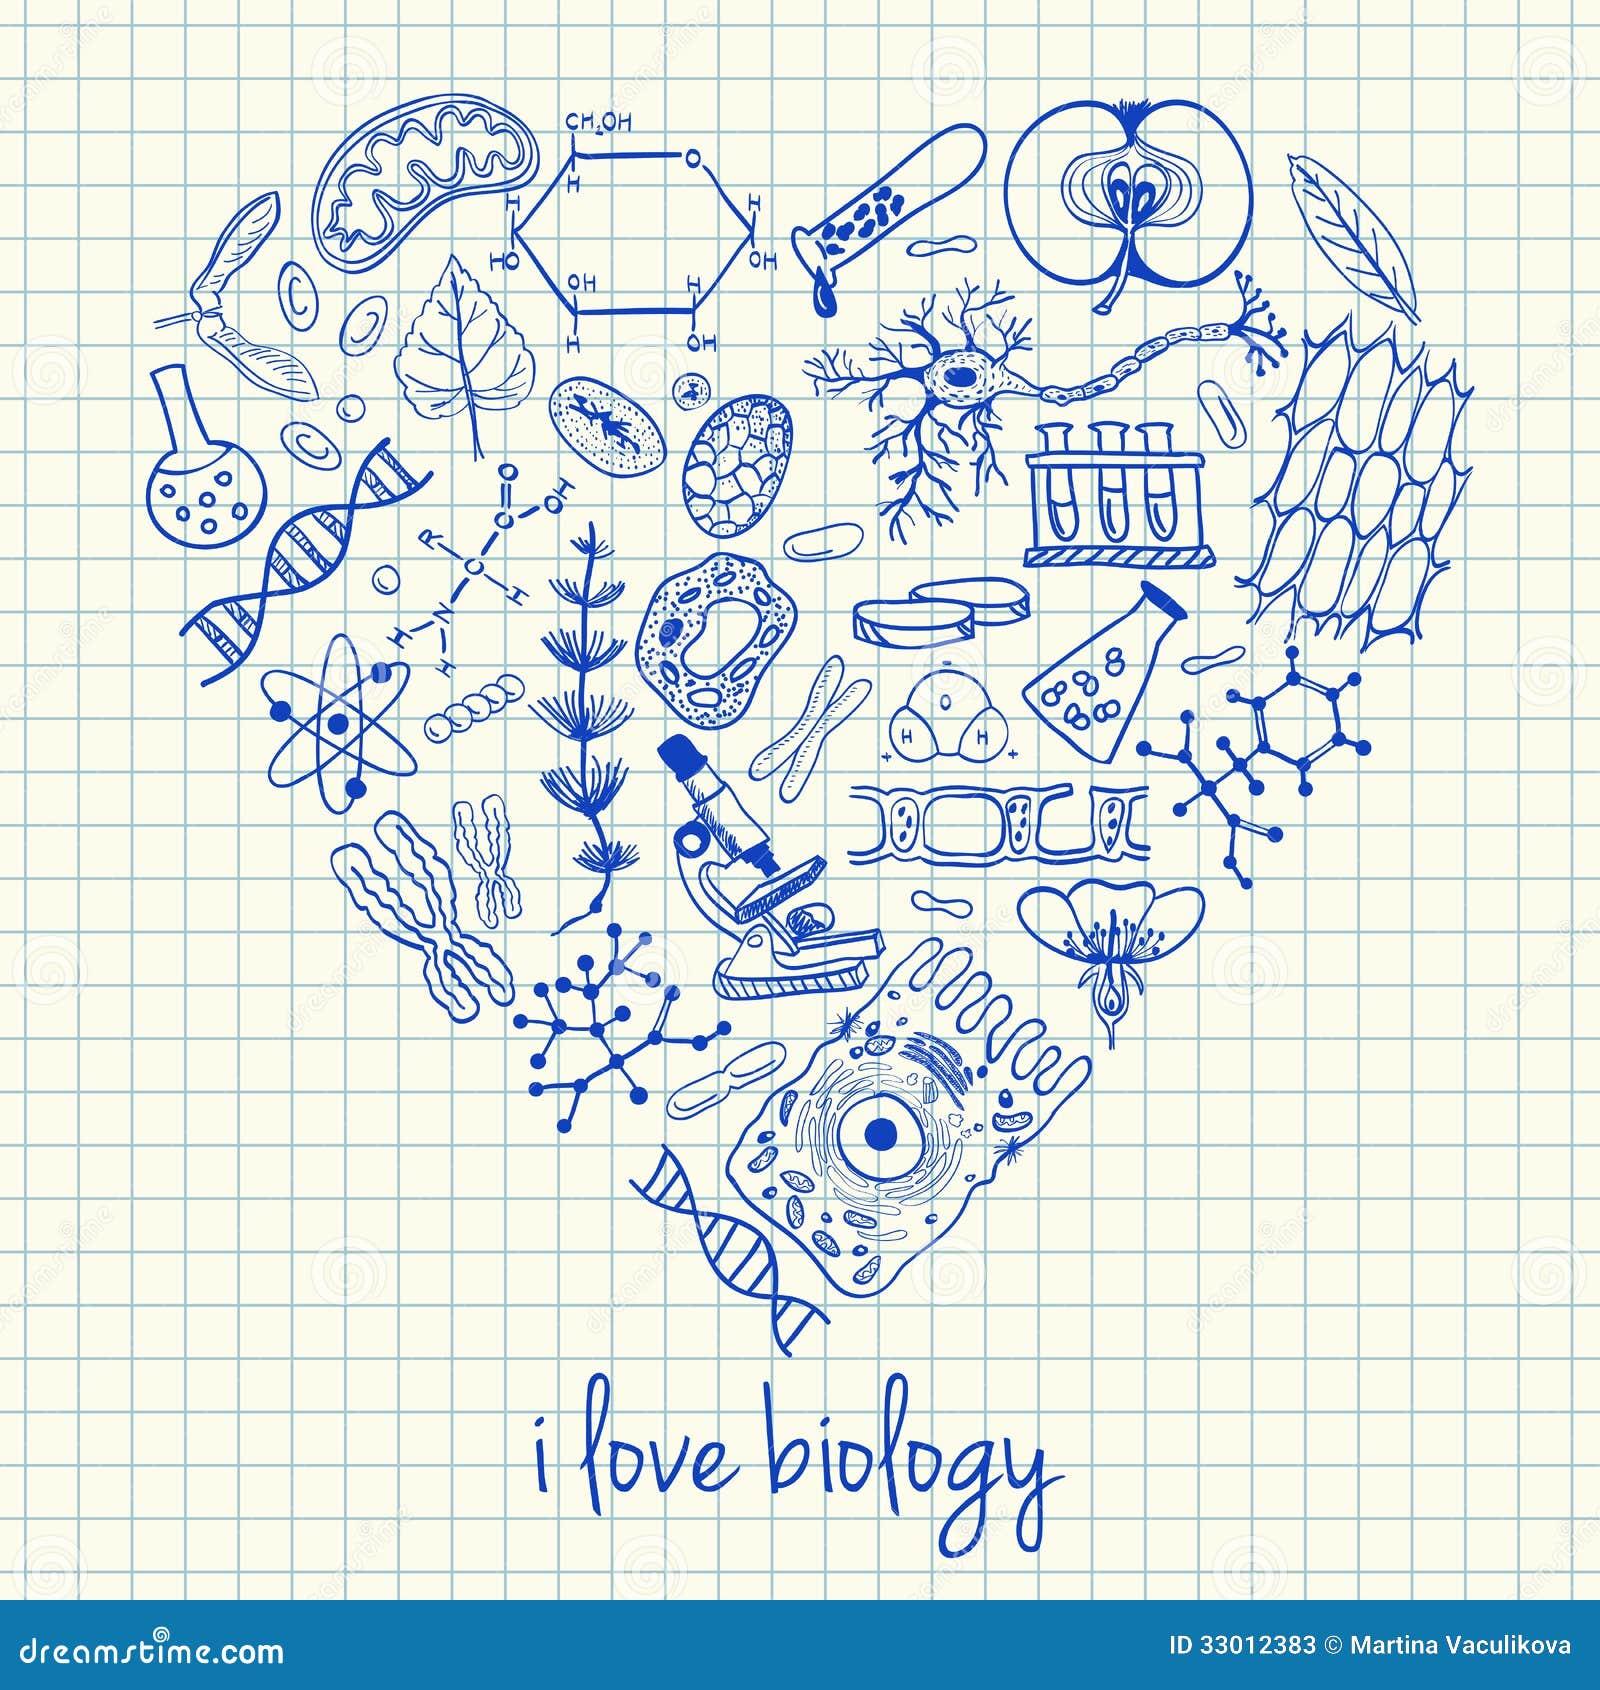 Desenhos da biologia na fôrma do coração